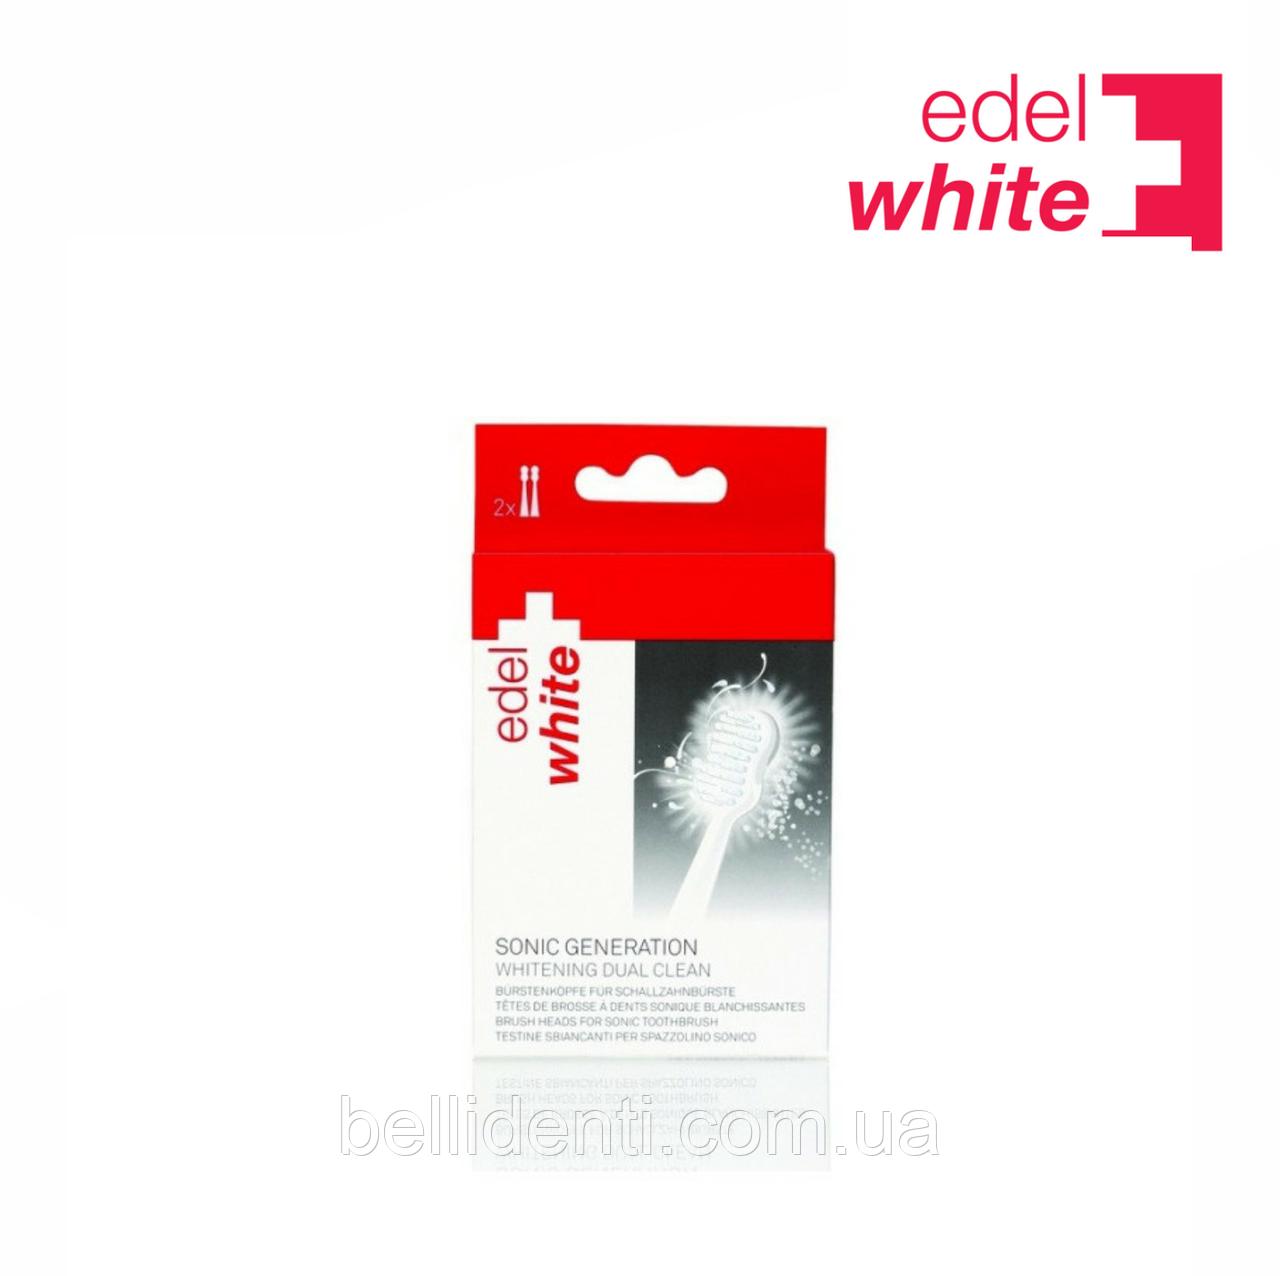 Сменные отбеливающие насадки Edel+White Dual Clean Design Sonic Generation(Швейцария), 2 шт